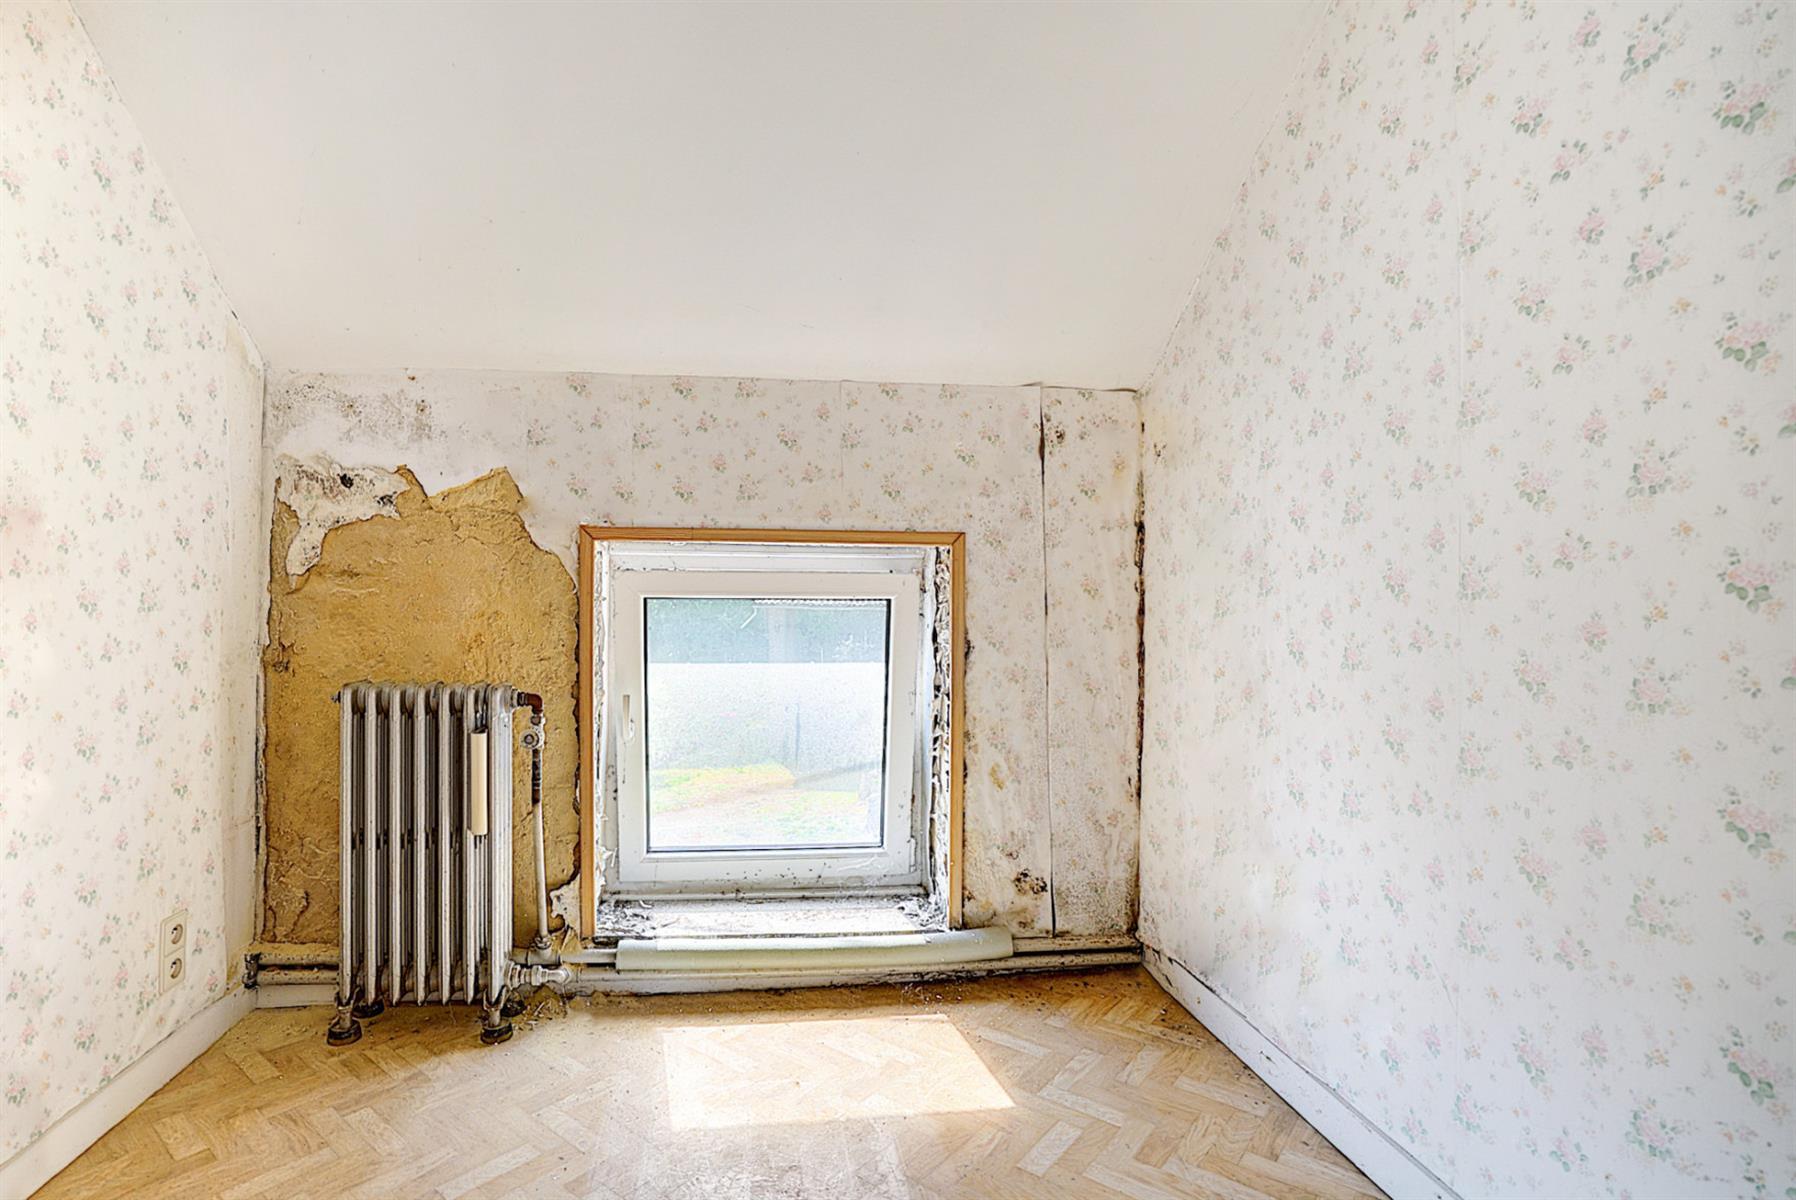 Maison - Chaumont-Gistoux - #3849419-7